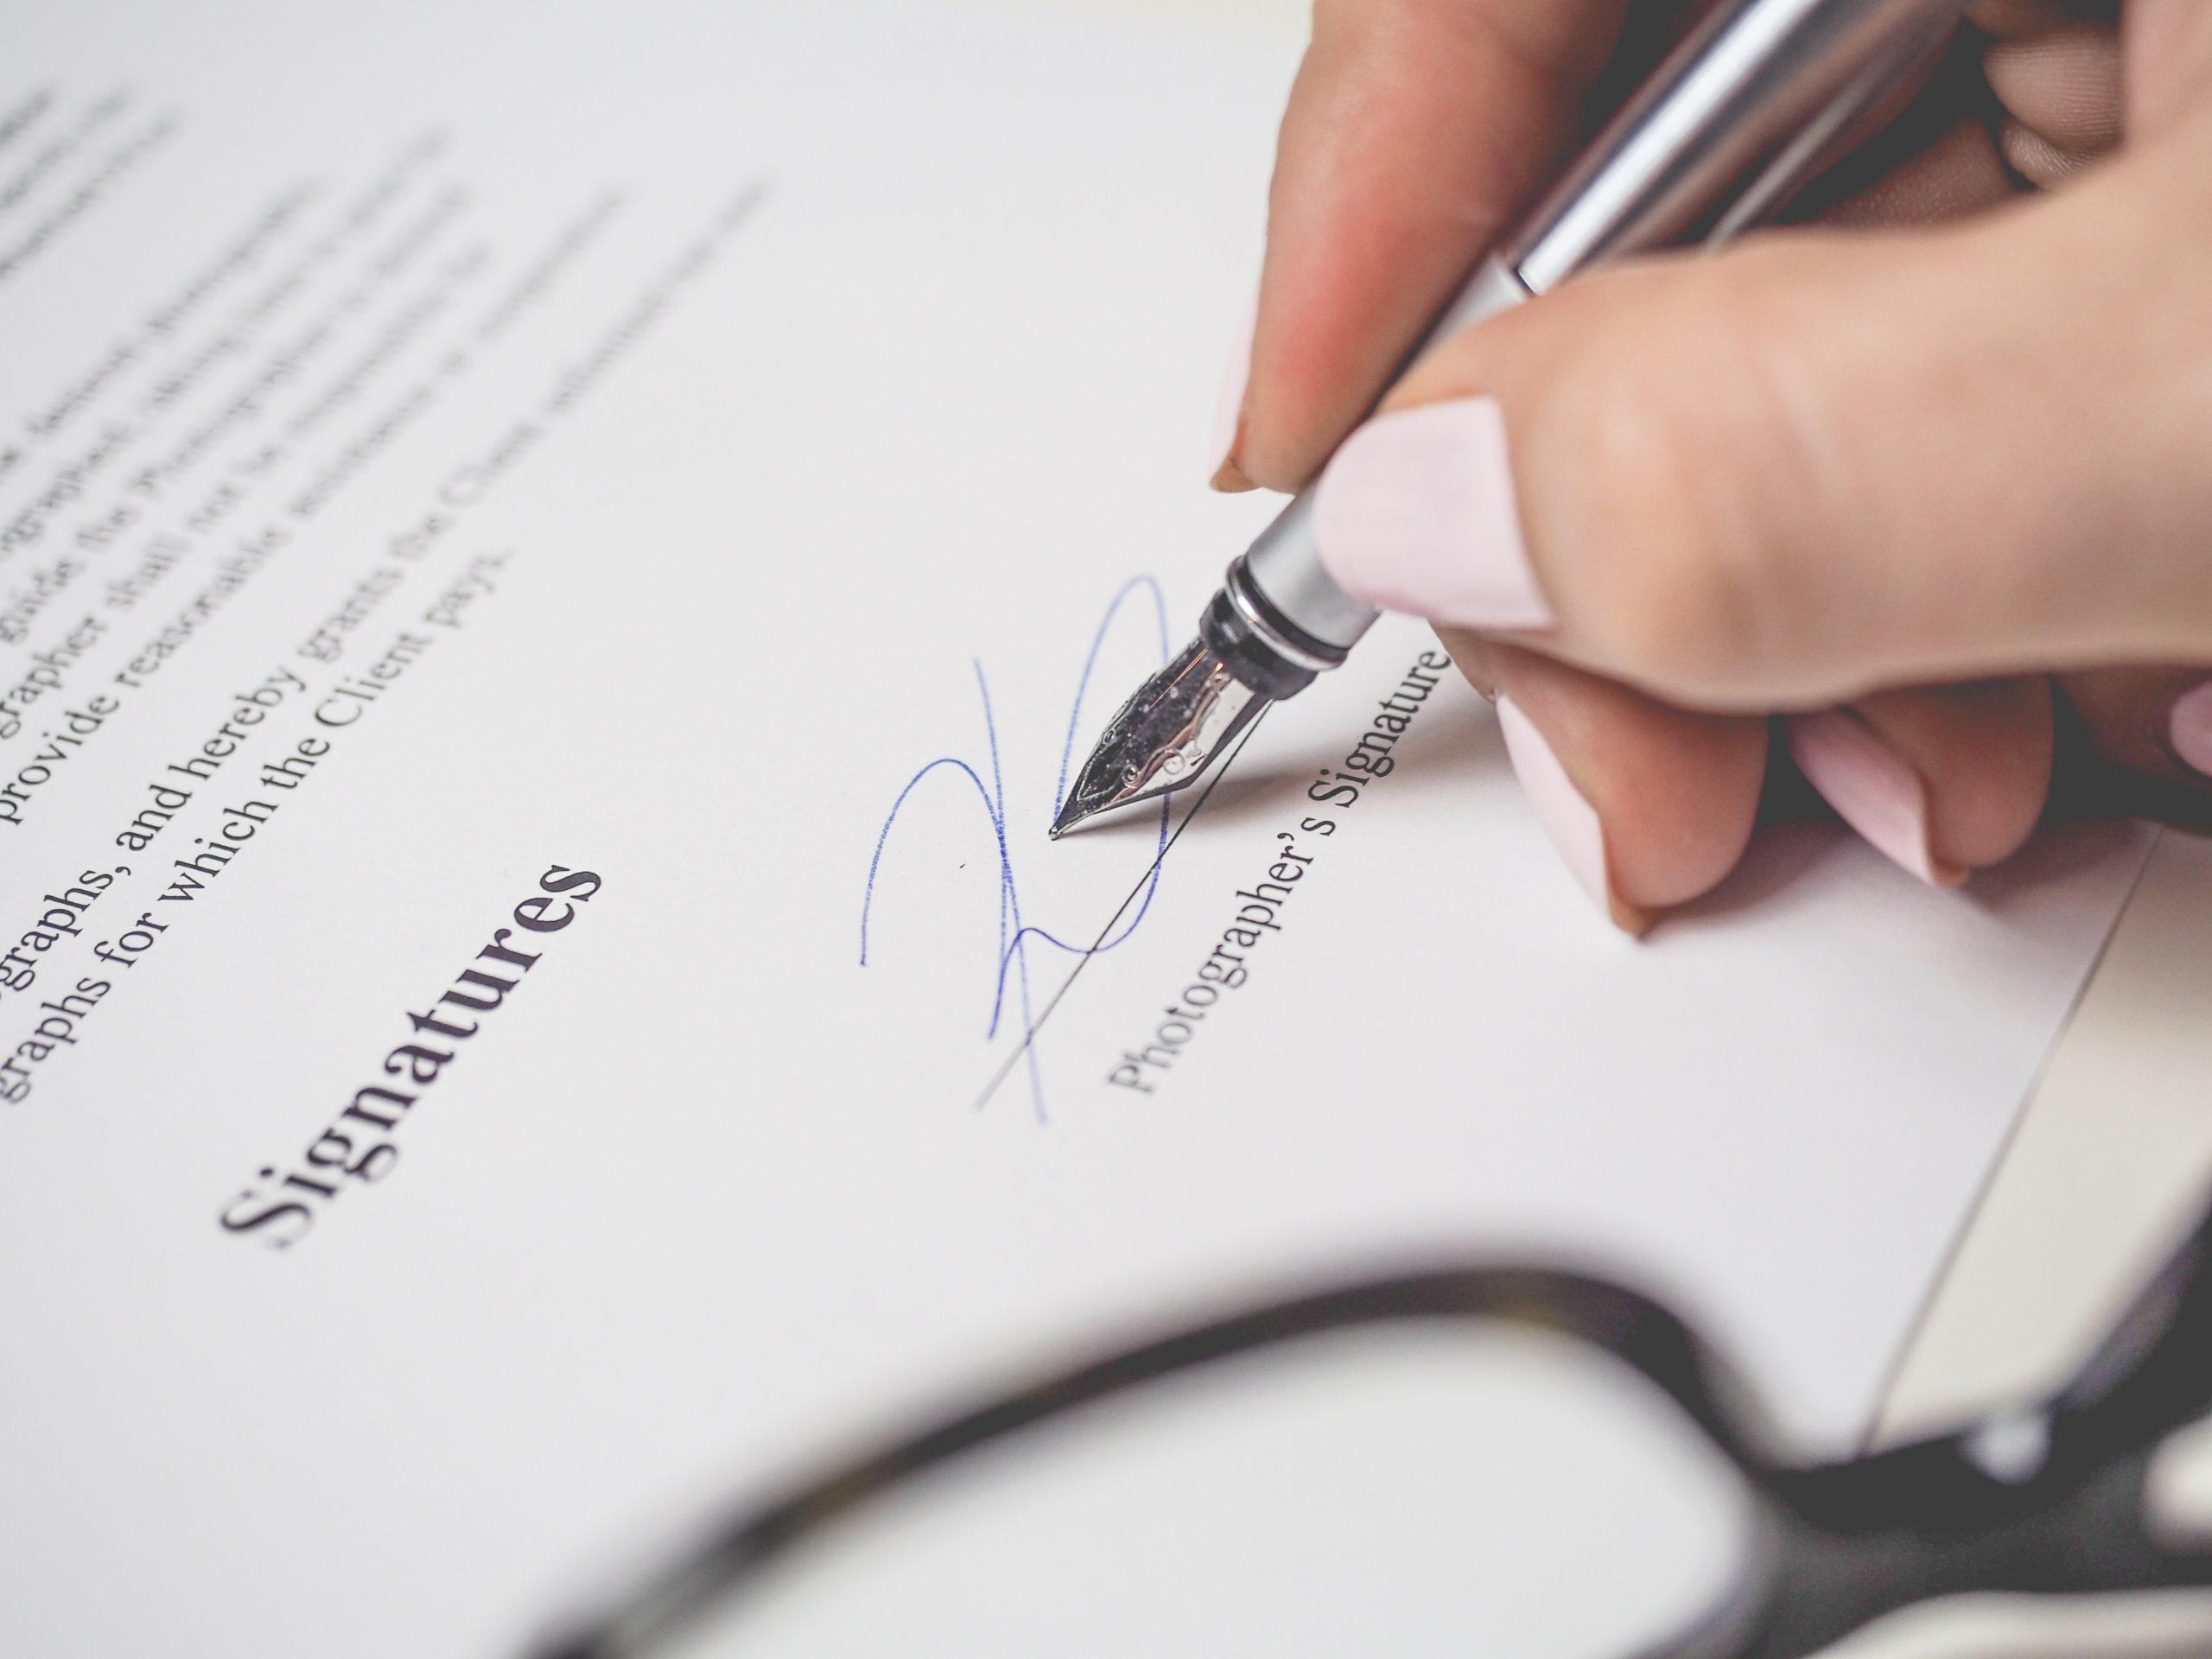 Cómo actuar en caso de incumplimiento de contrato de prestación de servicios